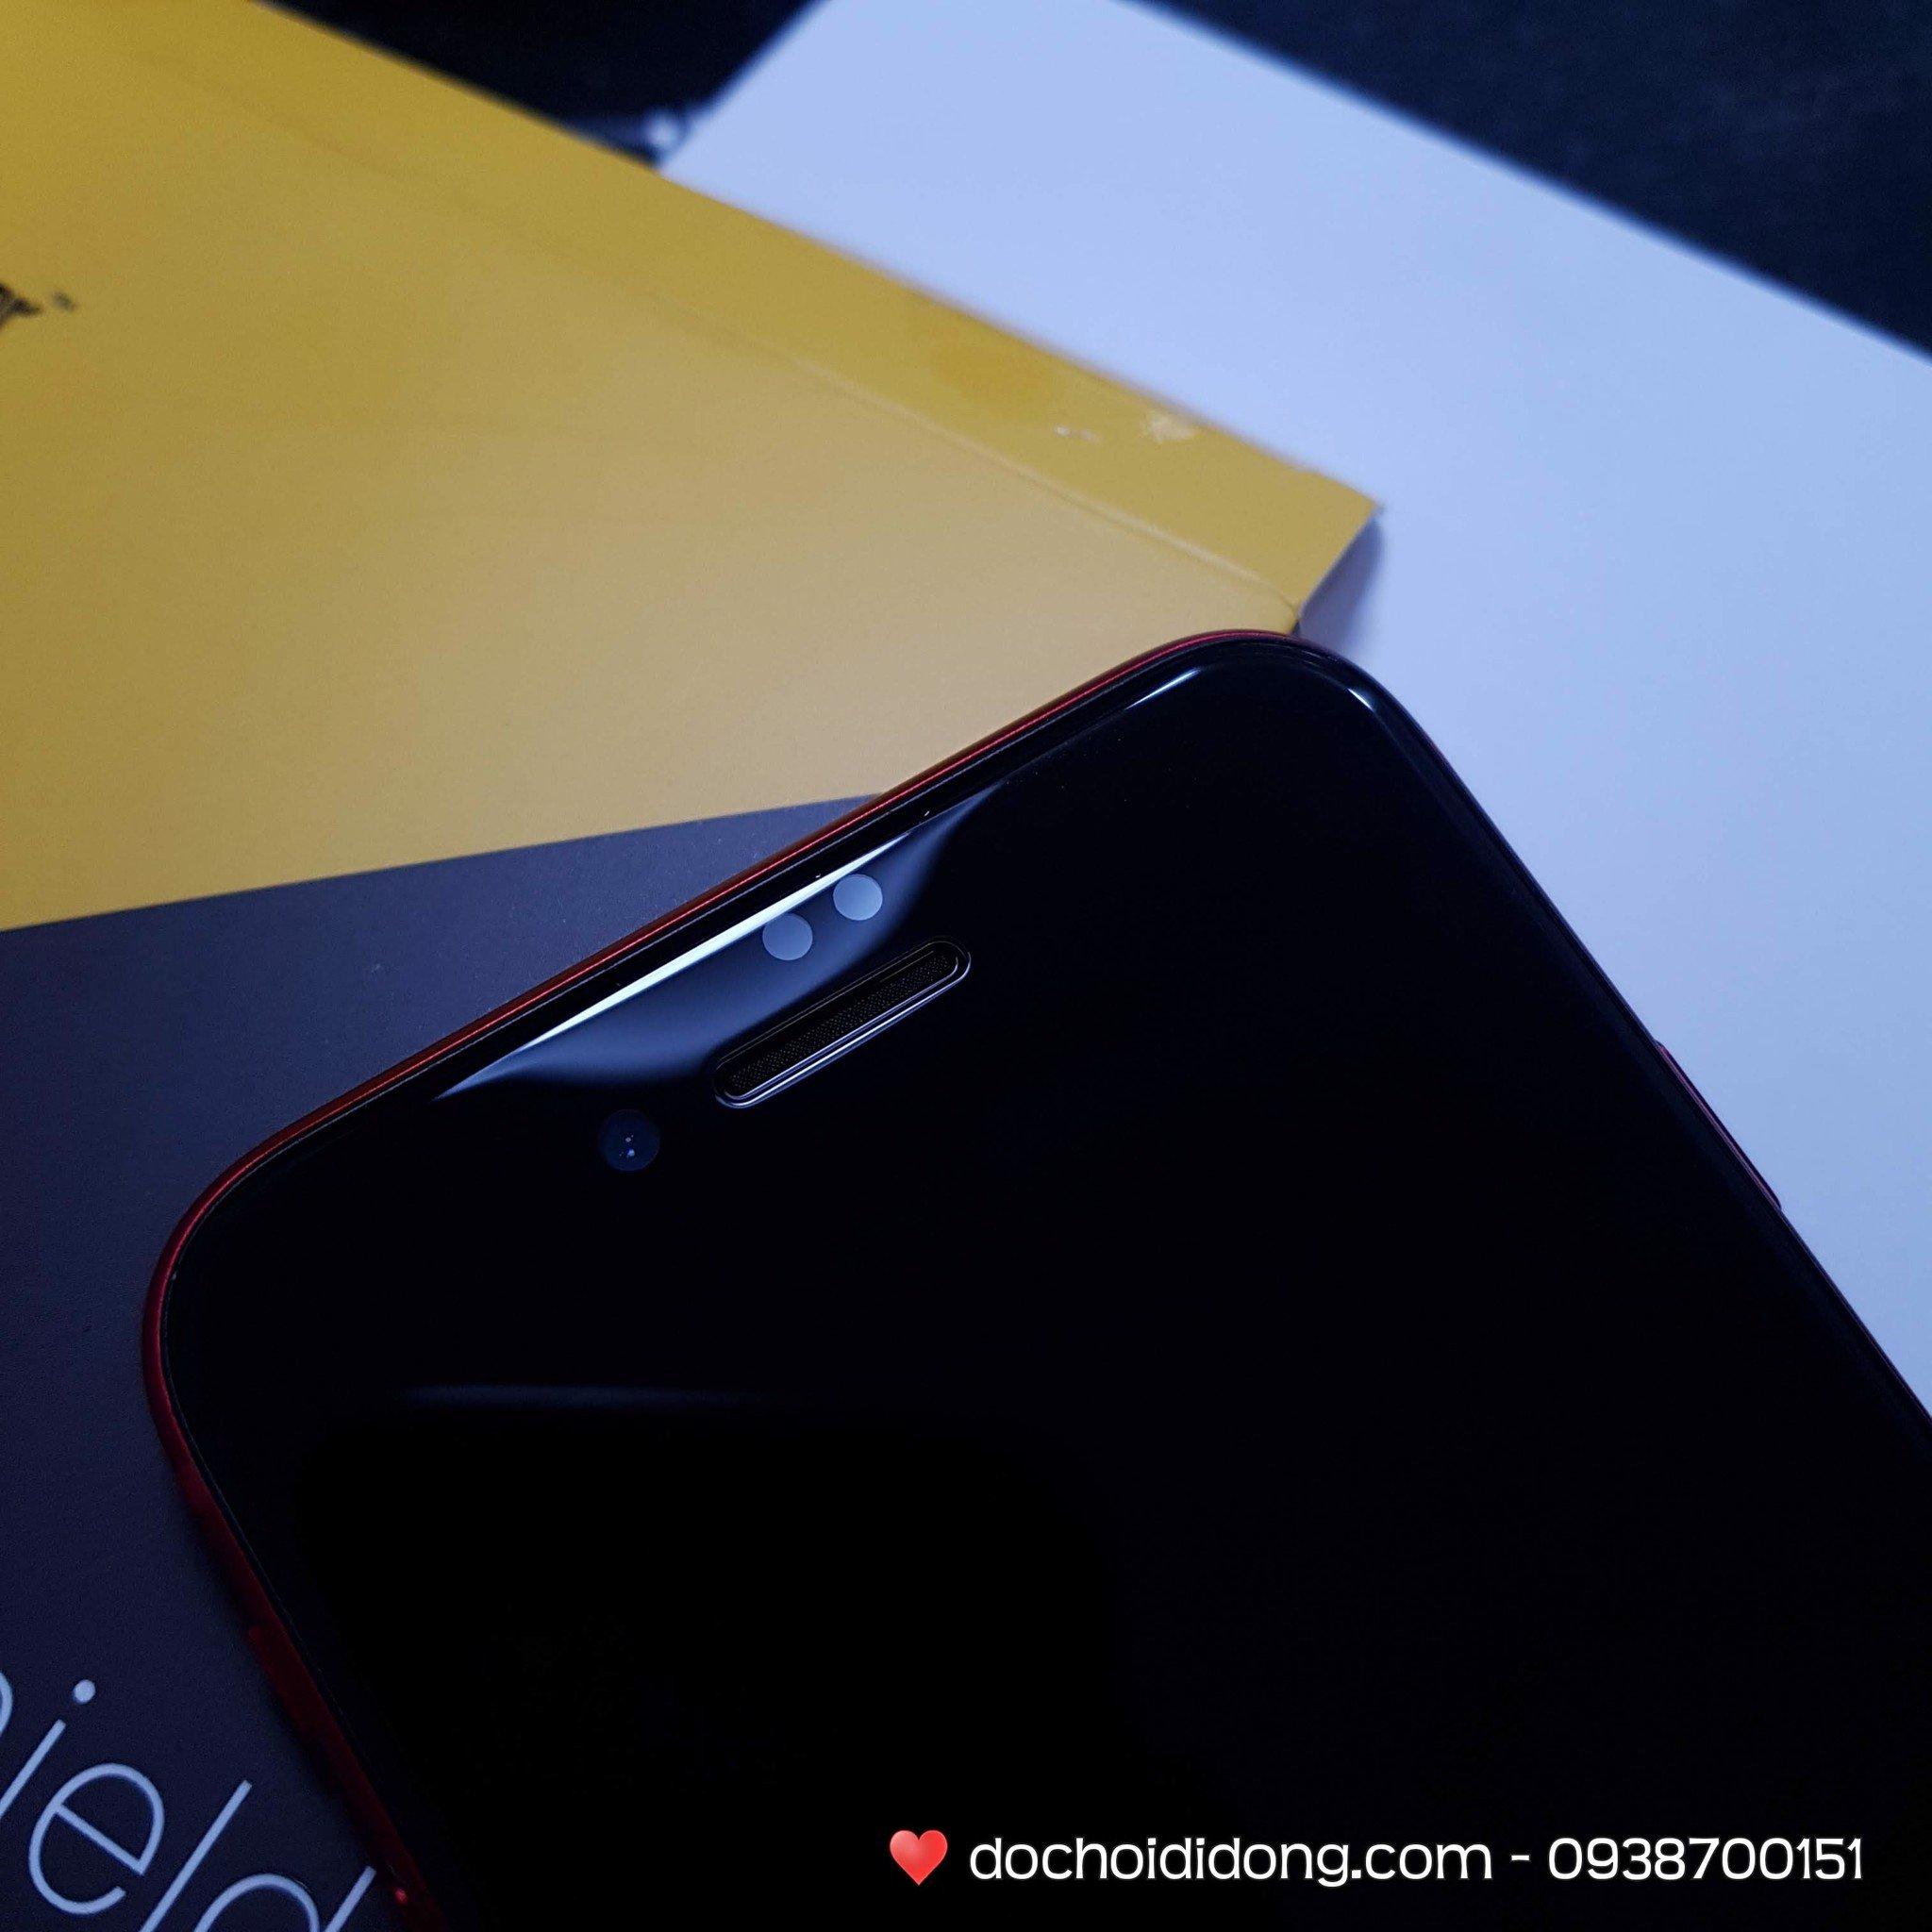 Dán Cường Lực LeArmor Full Màn Hình Cho Iphone 7 8 Plus XR X XS 11 Pro Max Các Đời